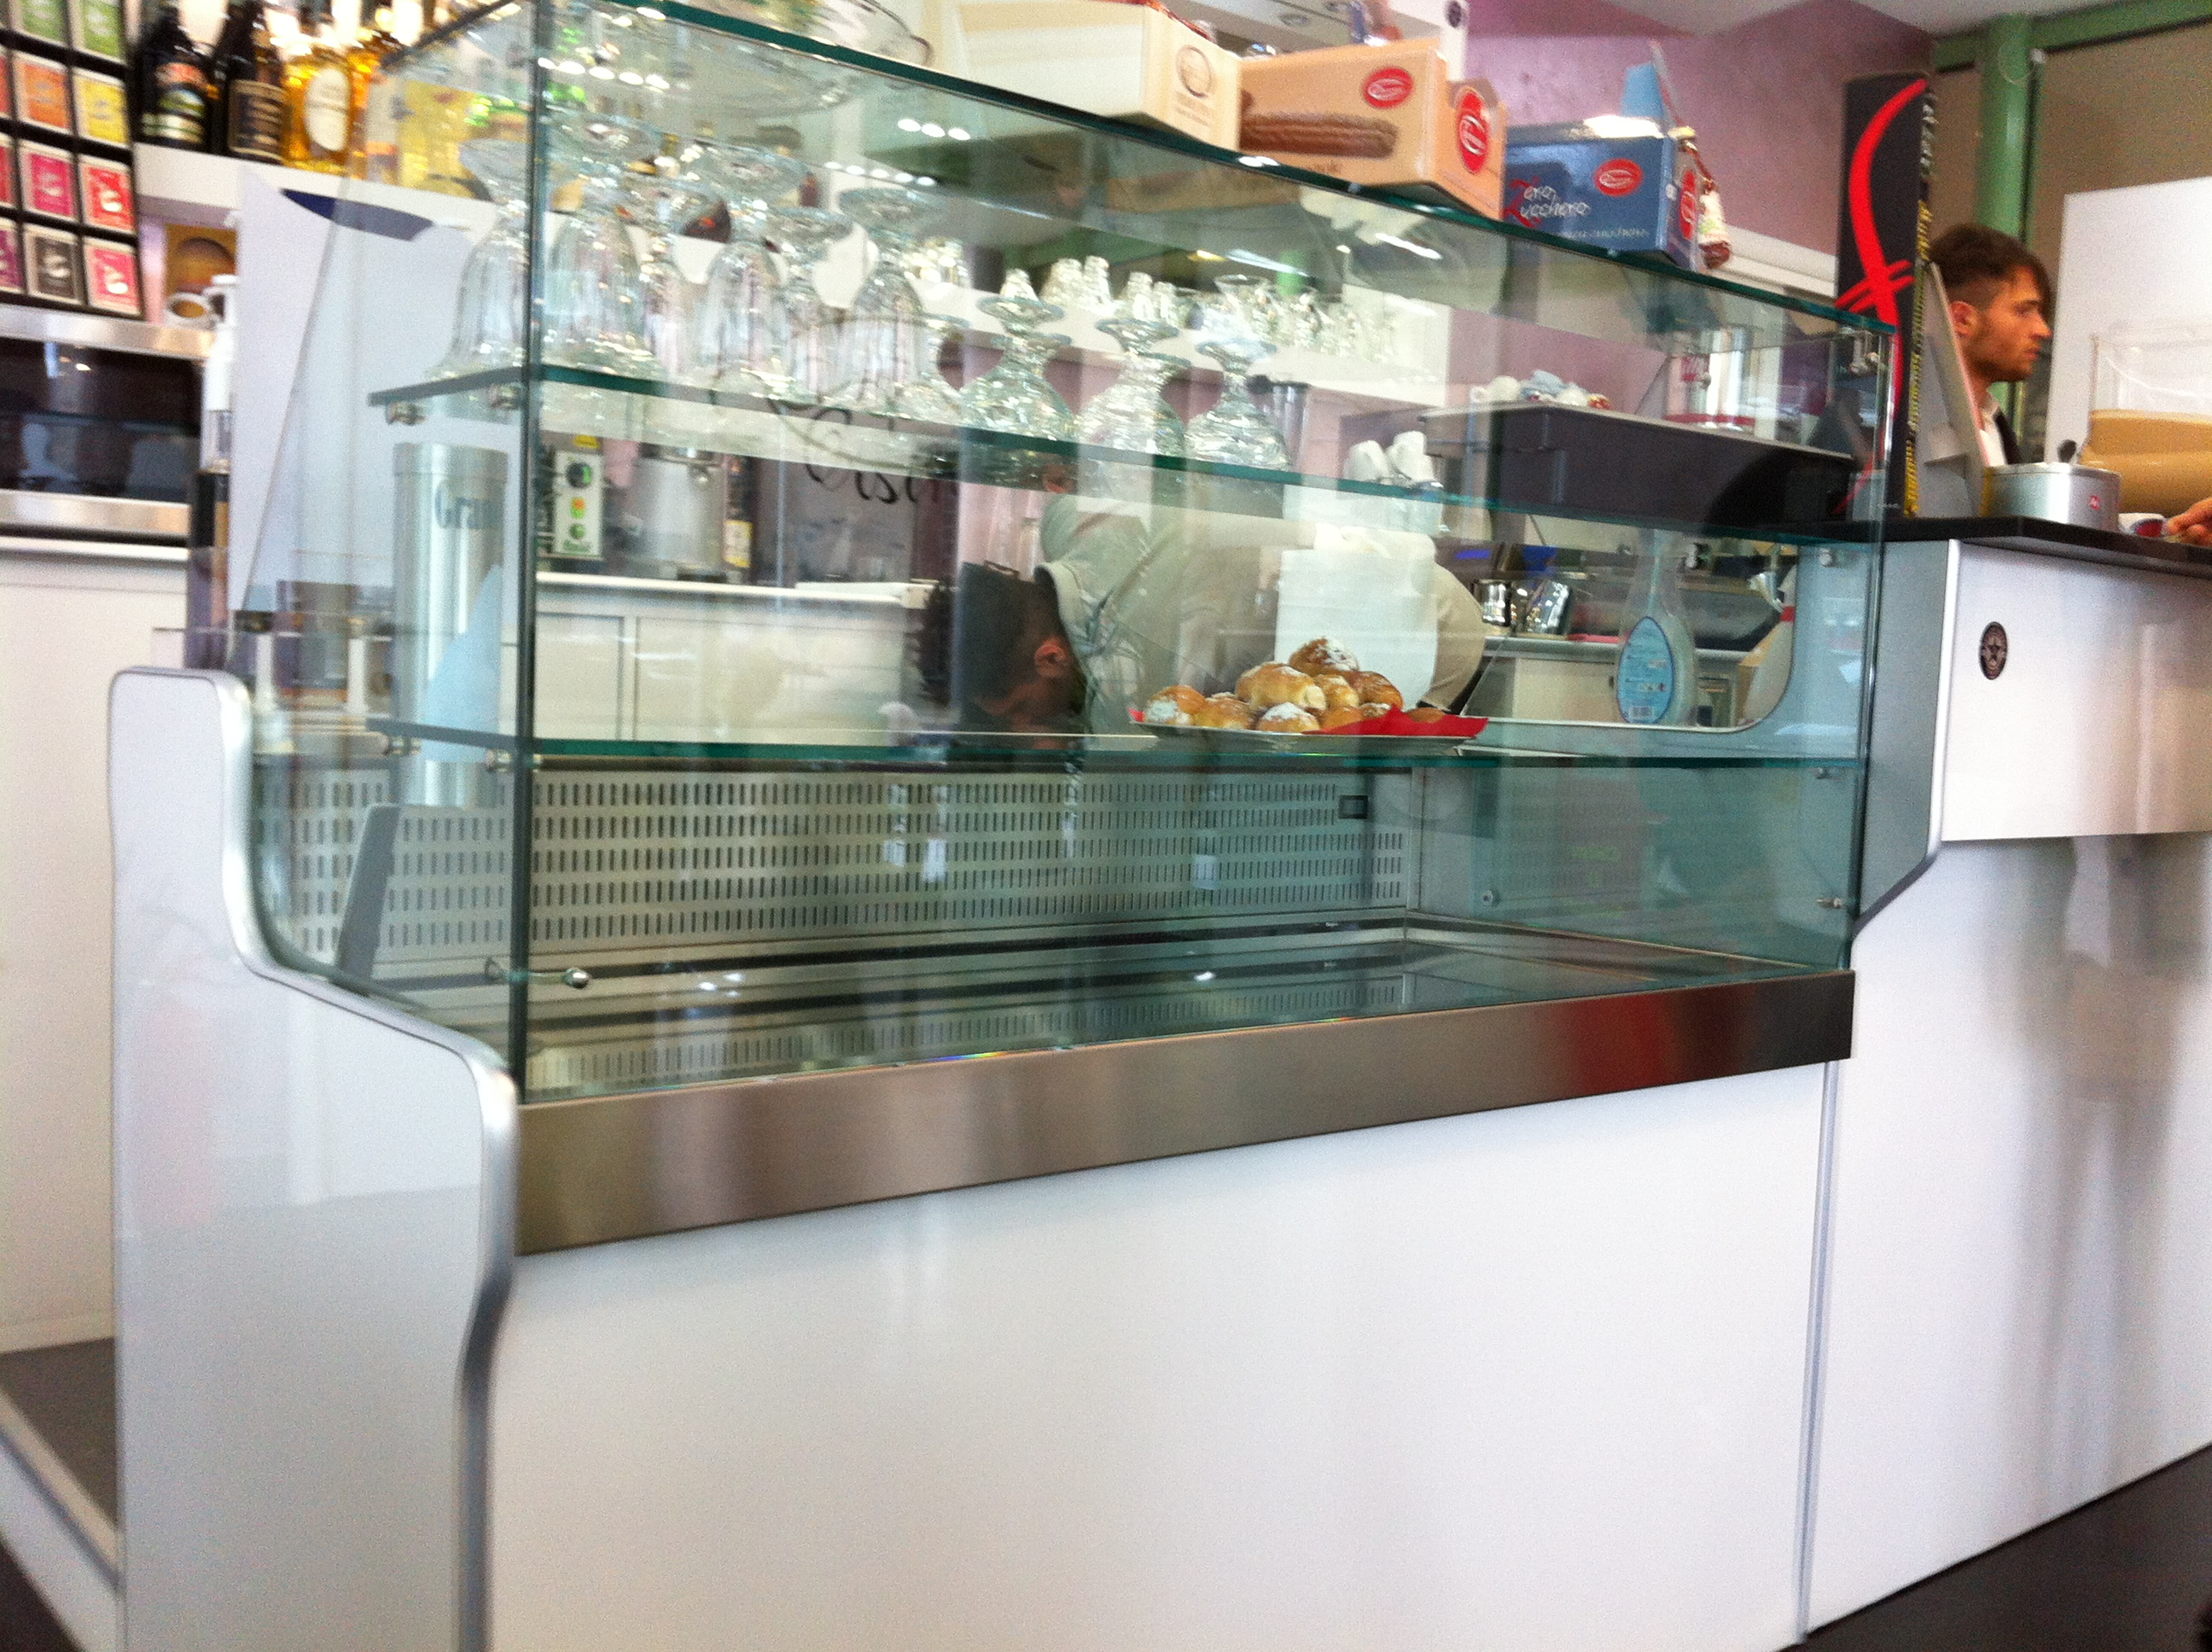 Arredi per bar marchiodoro attrezzature da ristorazione for Arredi per bar